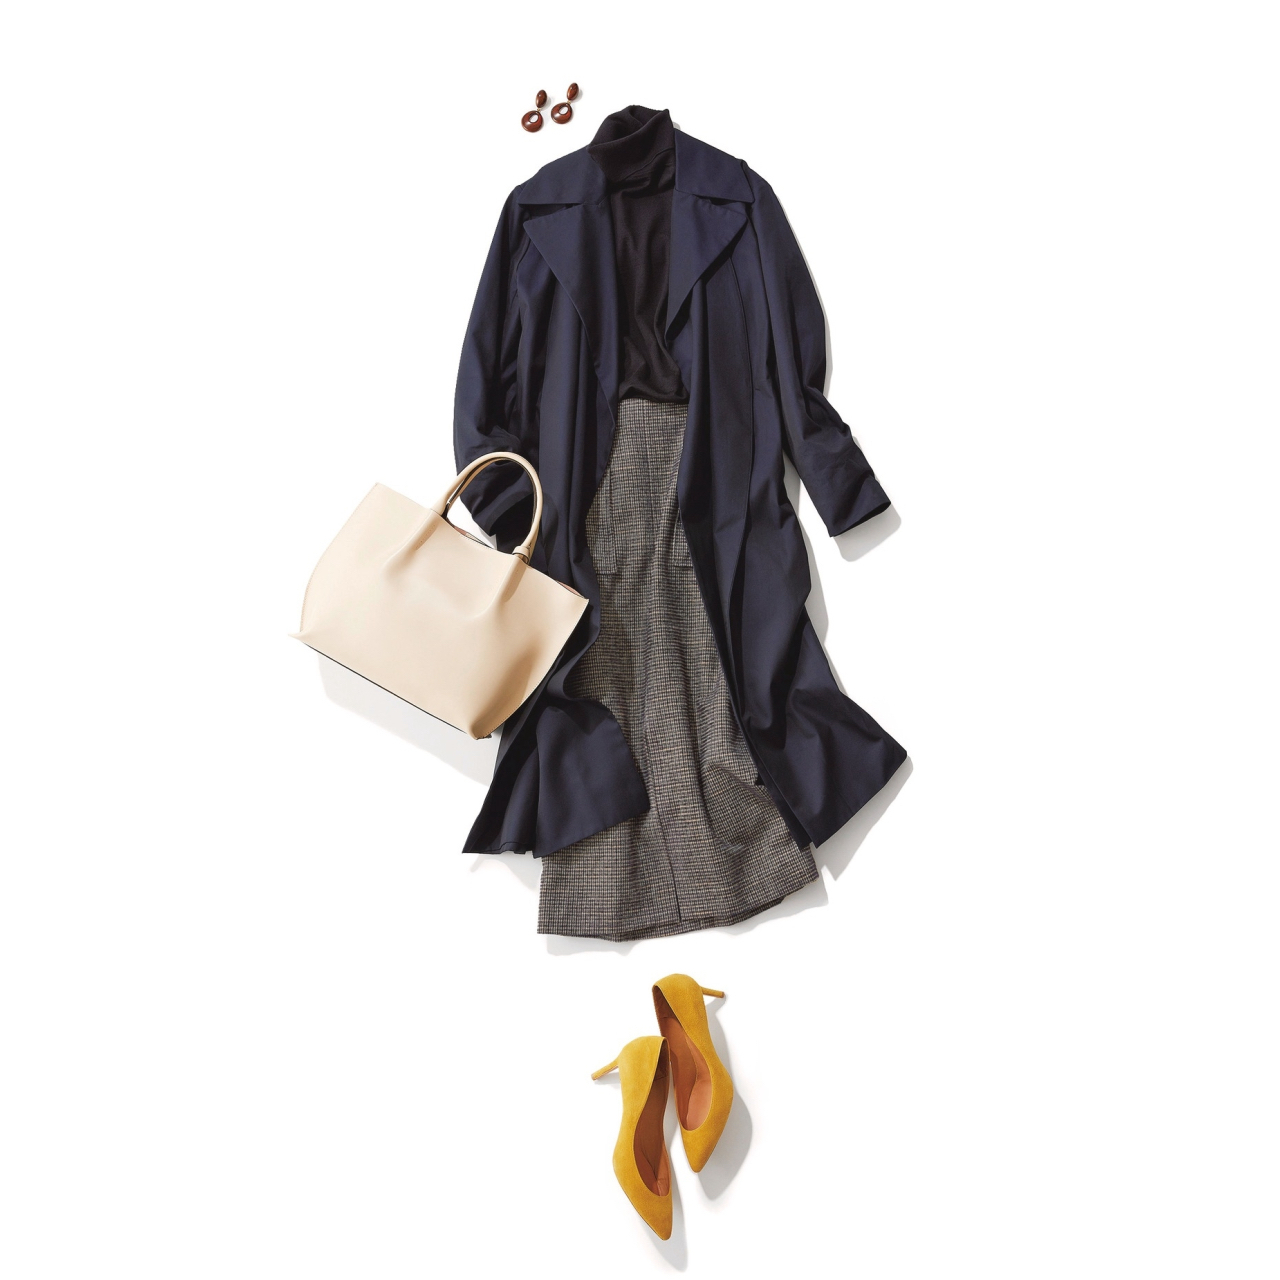 ネイビーのトレンチコート×黒ニット&タイトスカートのファッションコーデ